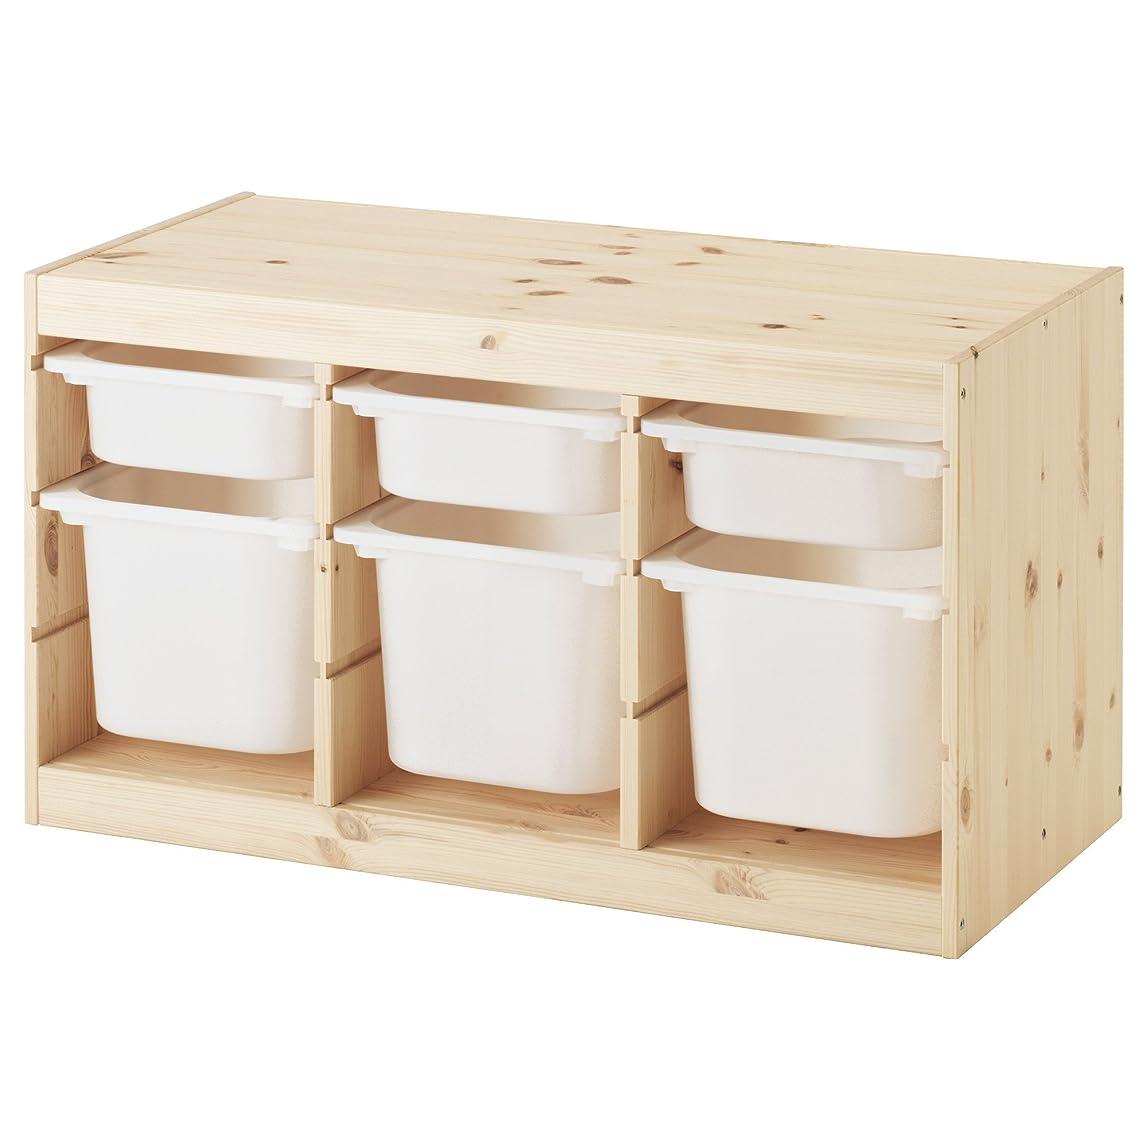 ダンプ修復珍しい【IKEA/イケア】TROFAST 収納コンビネーション, パイン材 ホワイト, ホワイト